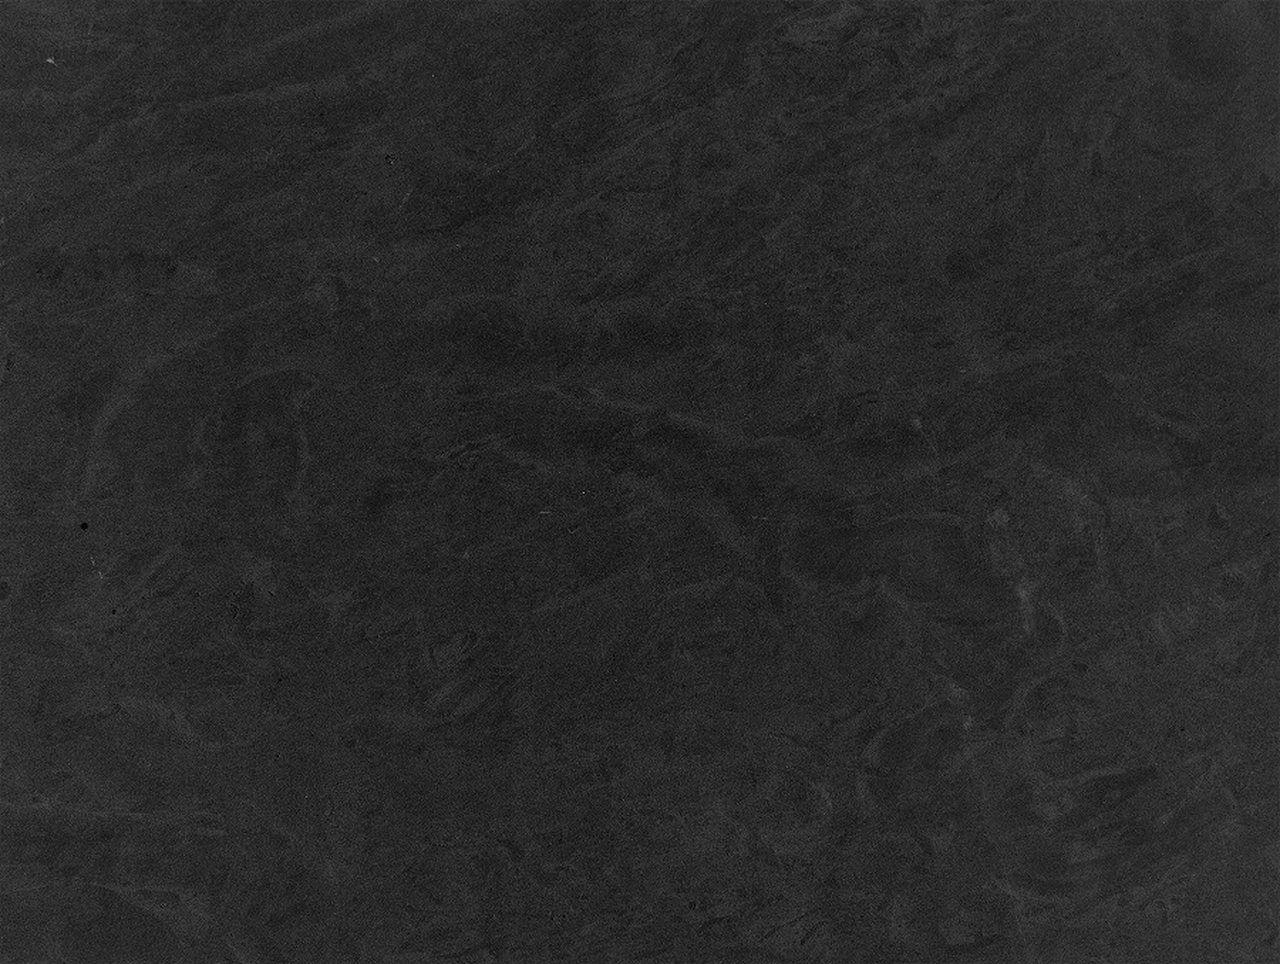 Adesivo Lavável Imita Mármore/Granito Preto Absoluto